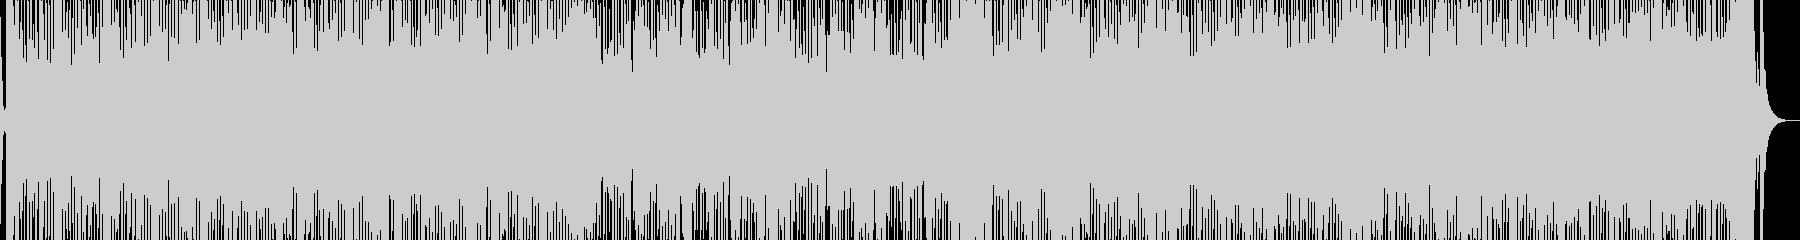 生三味線&ロックドラム 和風ロック  の未再生の波形